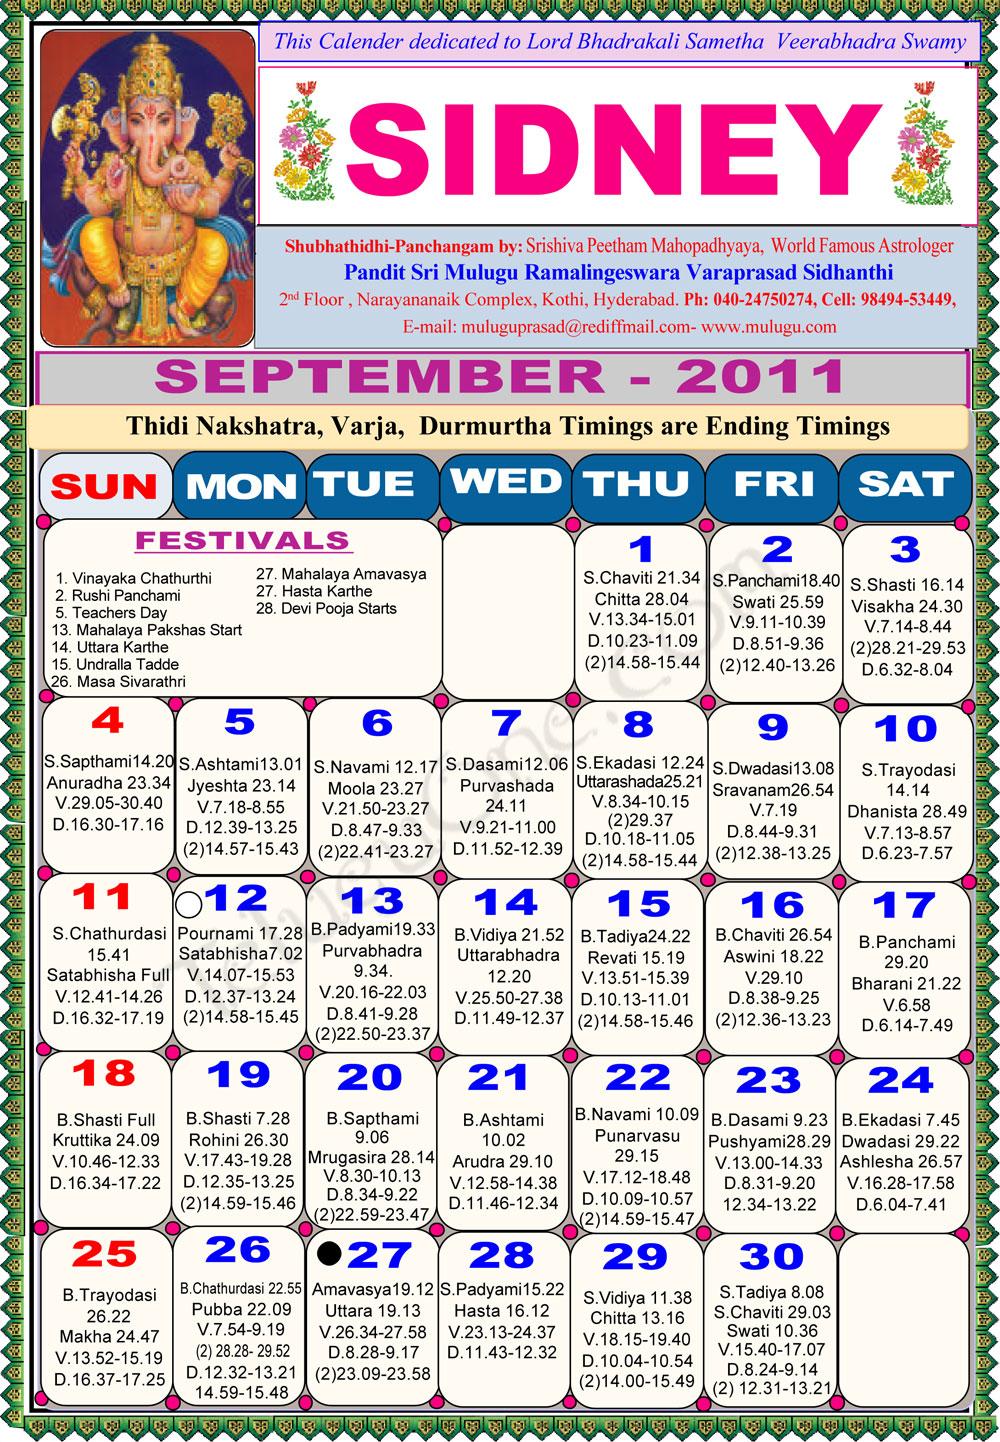 sydney telugu calendar 2011 - astrology online